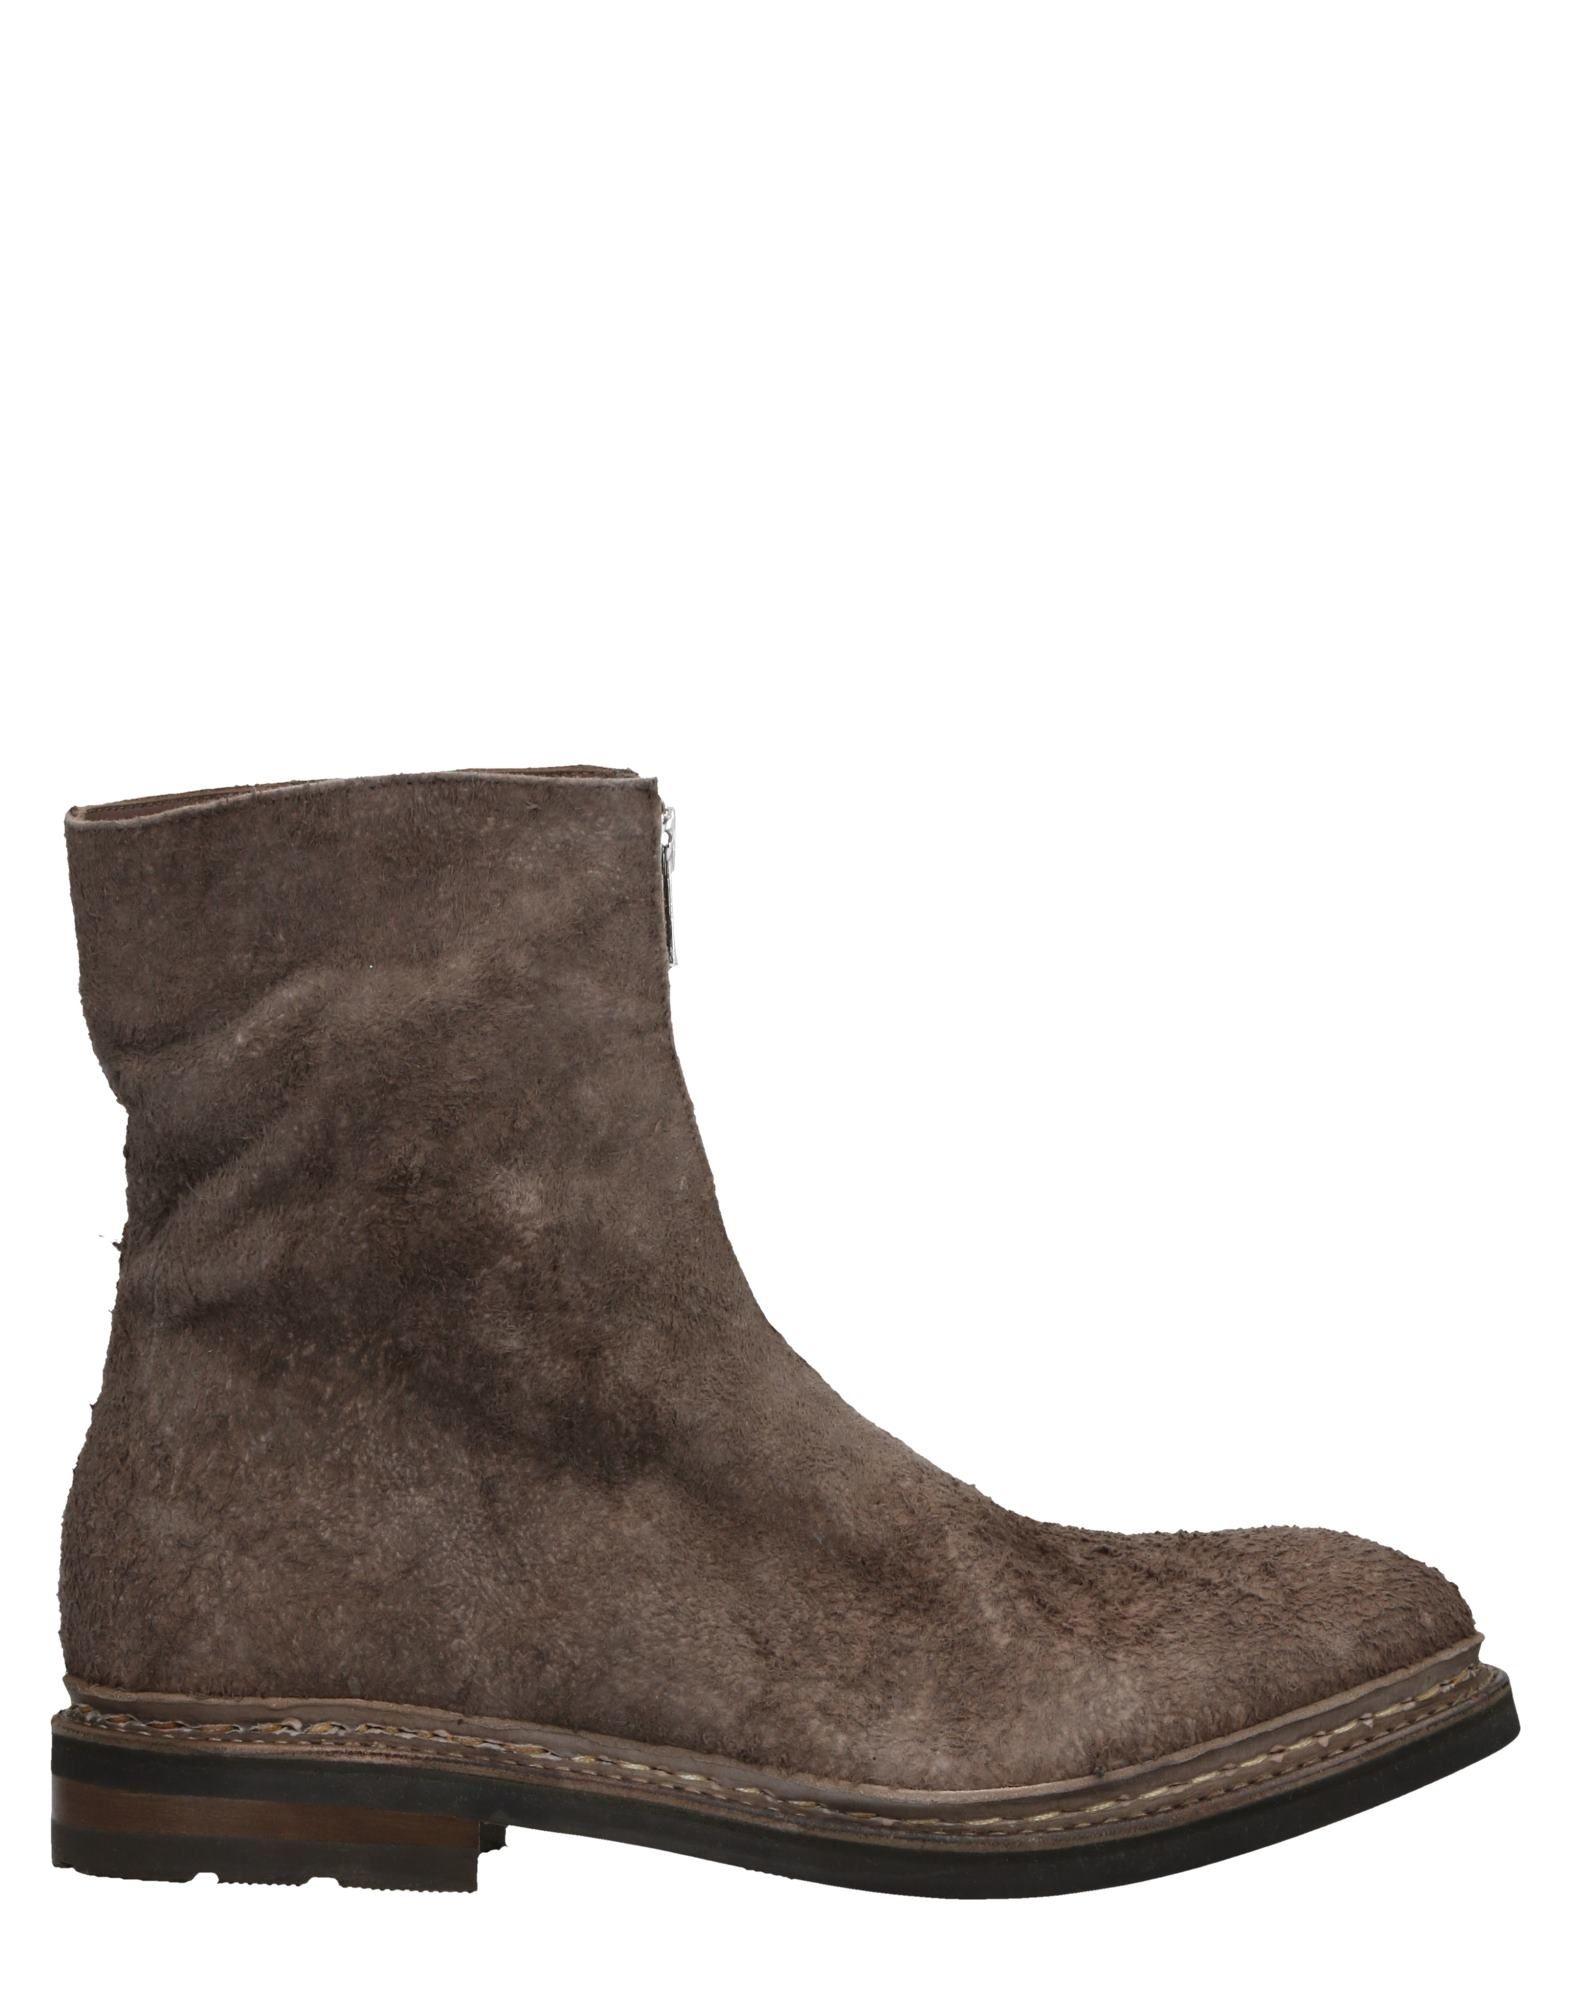 The Last Conspiracy Stiefelette Herren  11517106DV Gute Qualität beliebte Schuhe